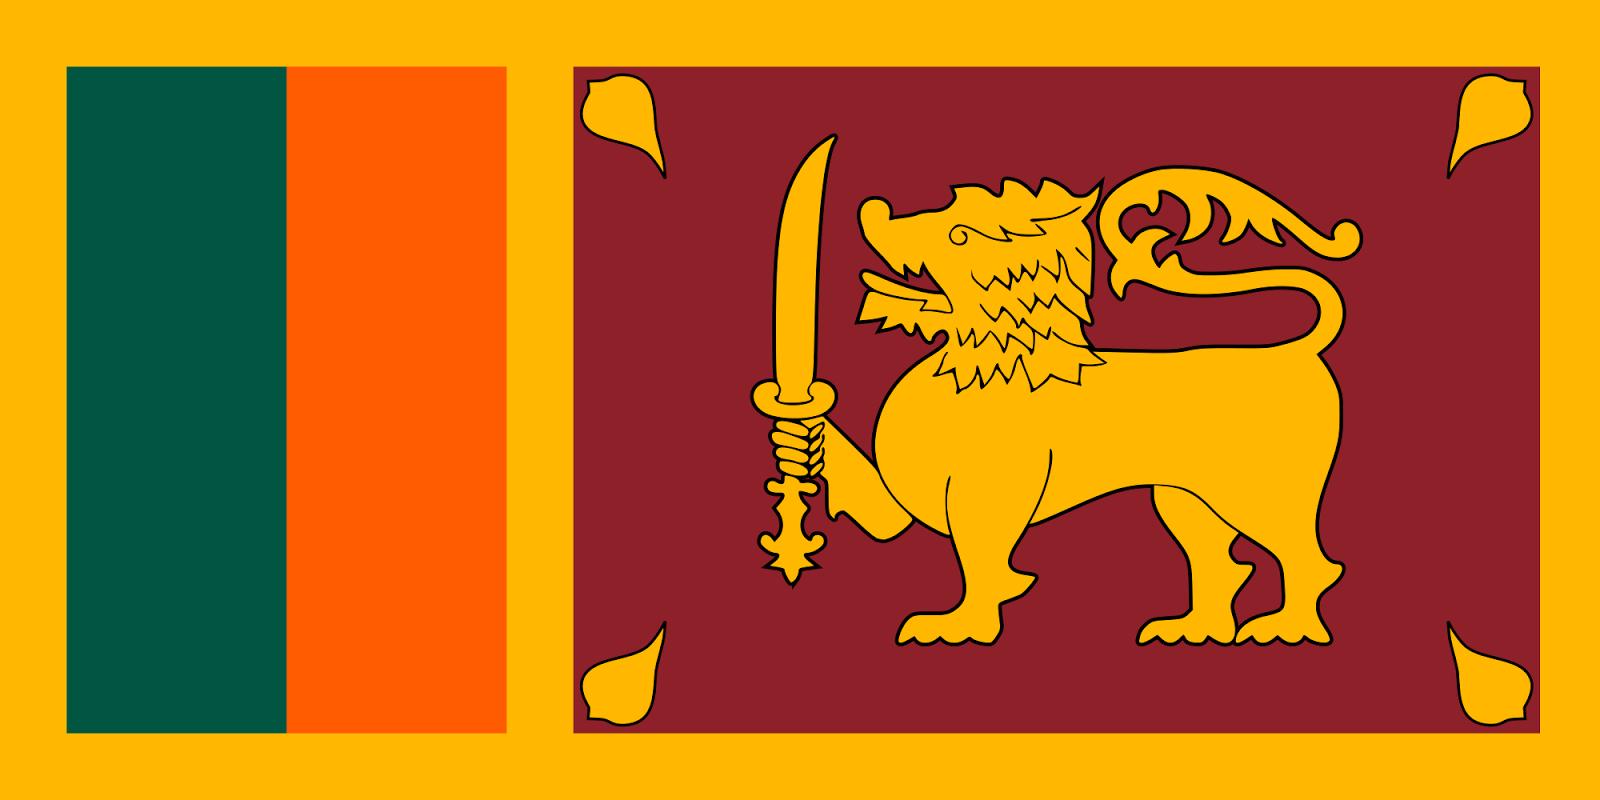 http://carbrandsincurrentproduction.blogspot.com.es/search/label/Sri%20Lanka